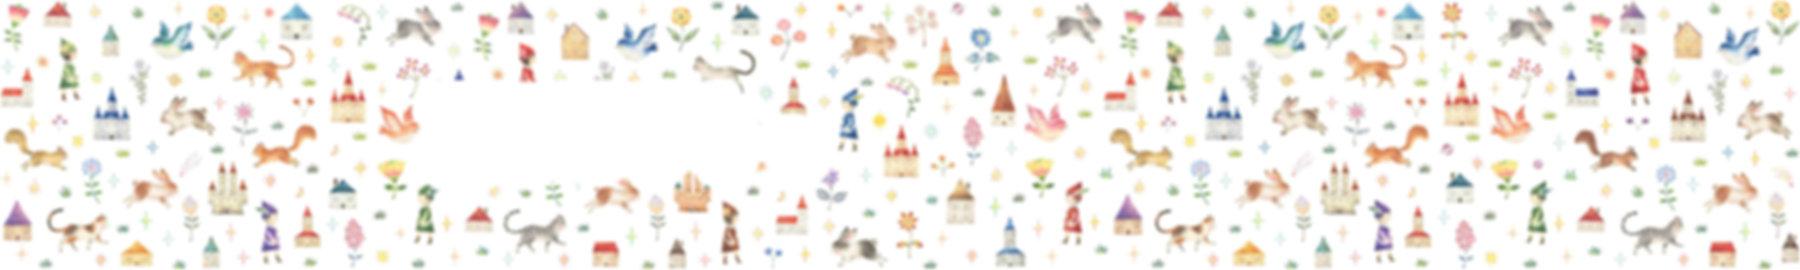 Wix Blog header image.jpg